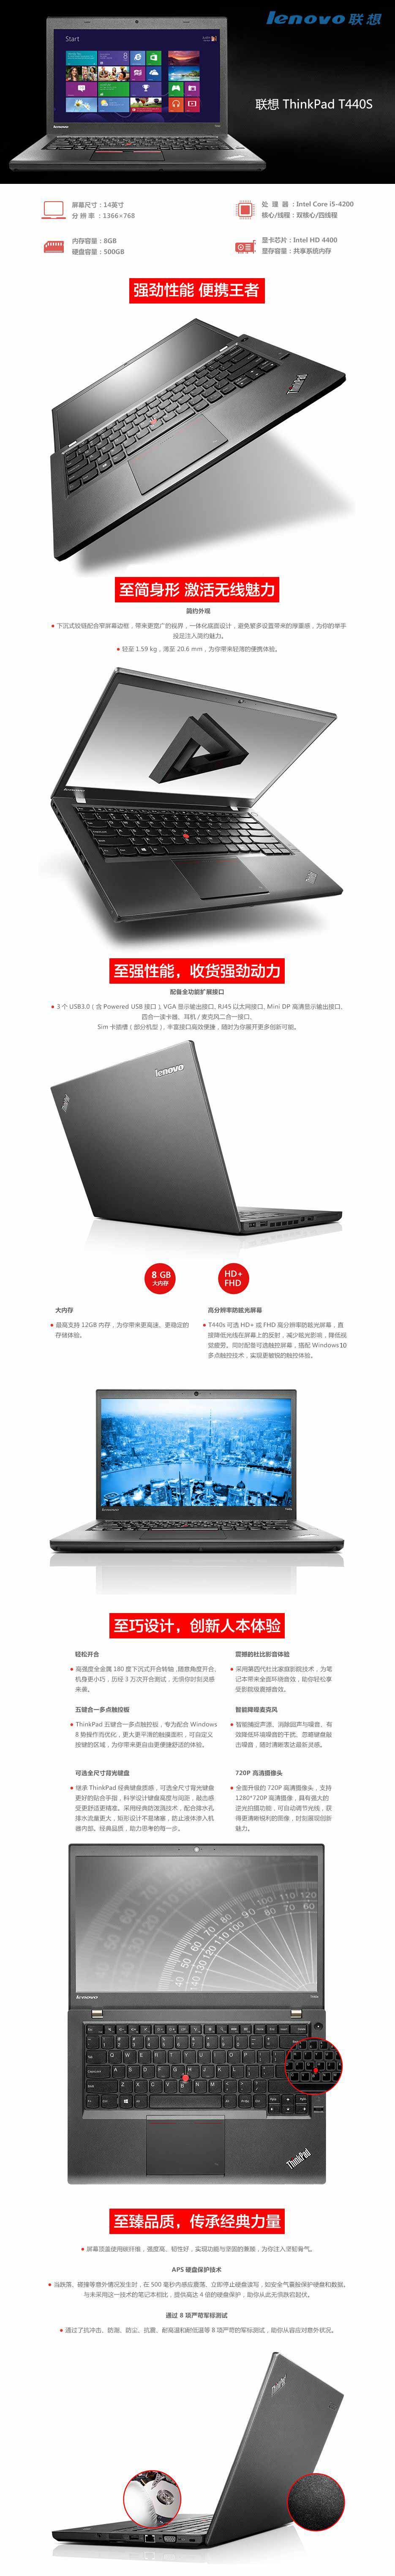 ThinkPad T420 笔记本电脑